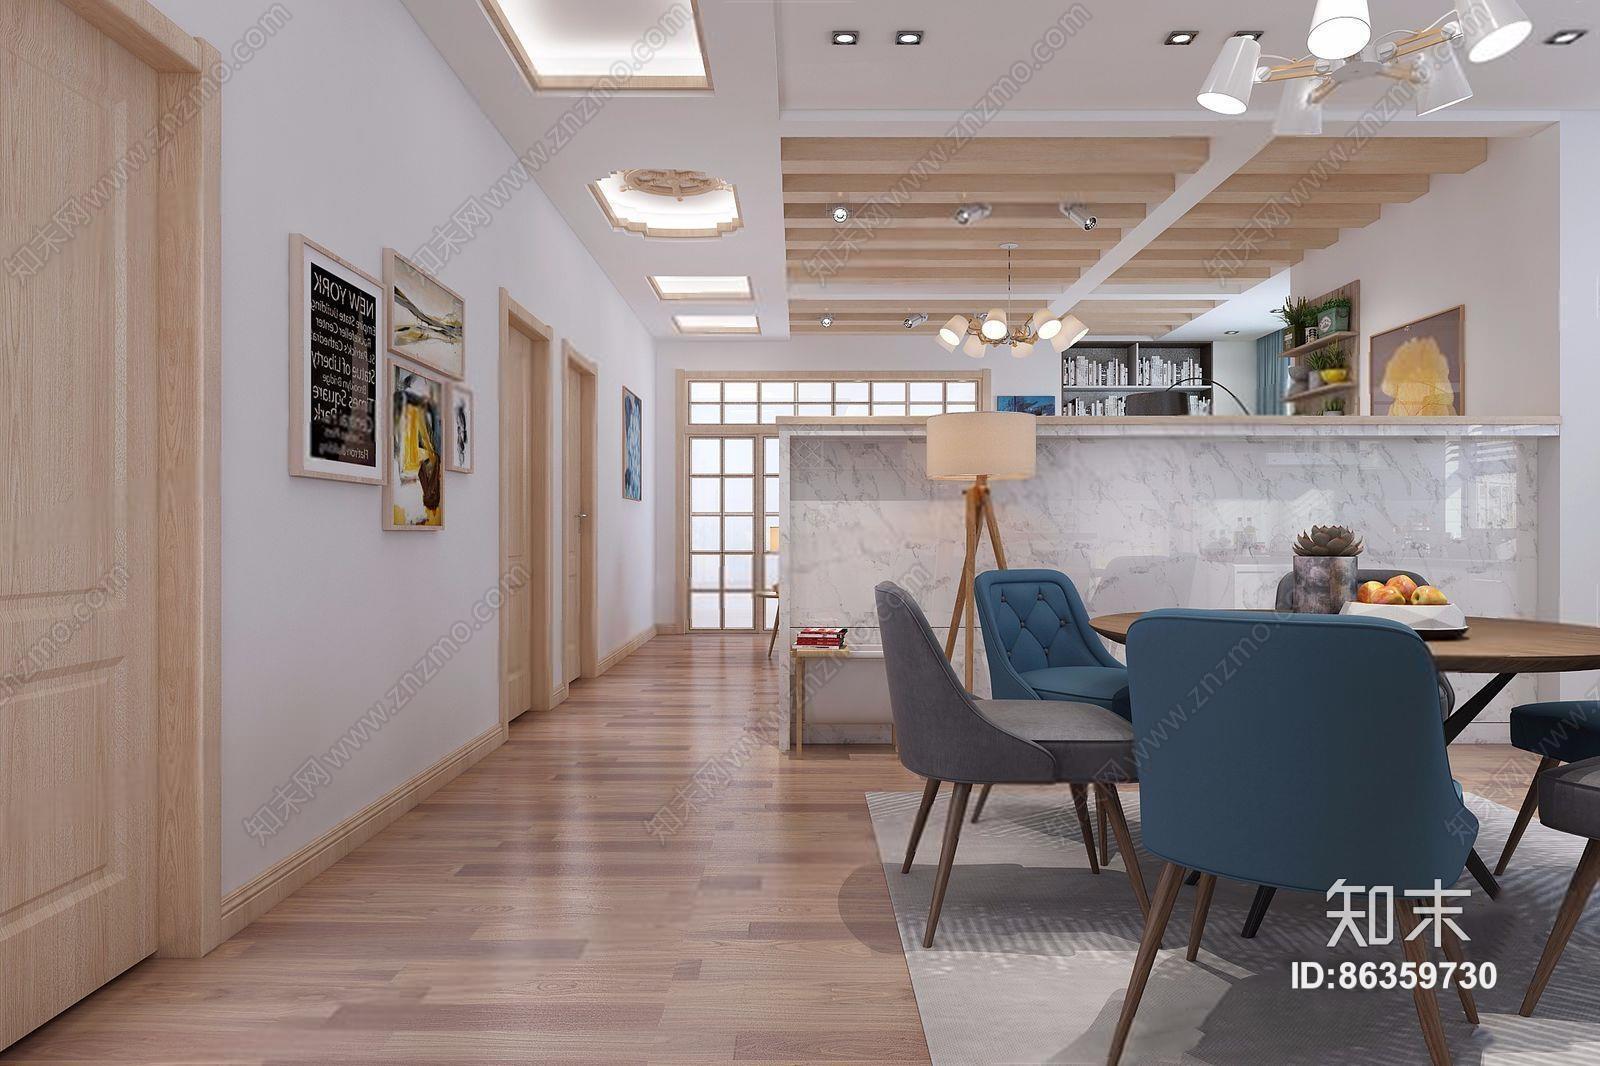 北欧客餐厅 北欧整体模型 多人沙发 茶几 边几 电视柜 餐桌椅 吊灯 壁柜 台灯 地毯 挂画 落地灯 摆件